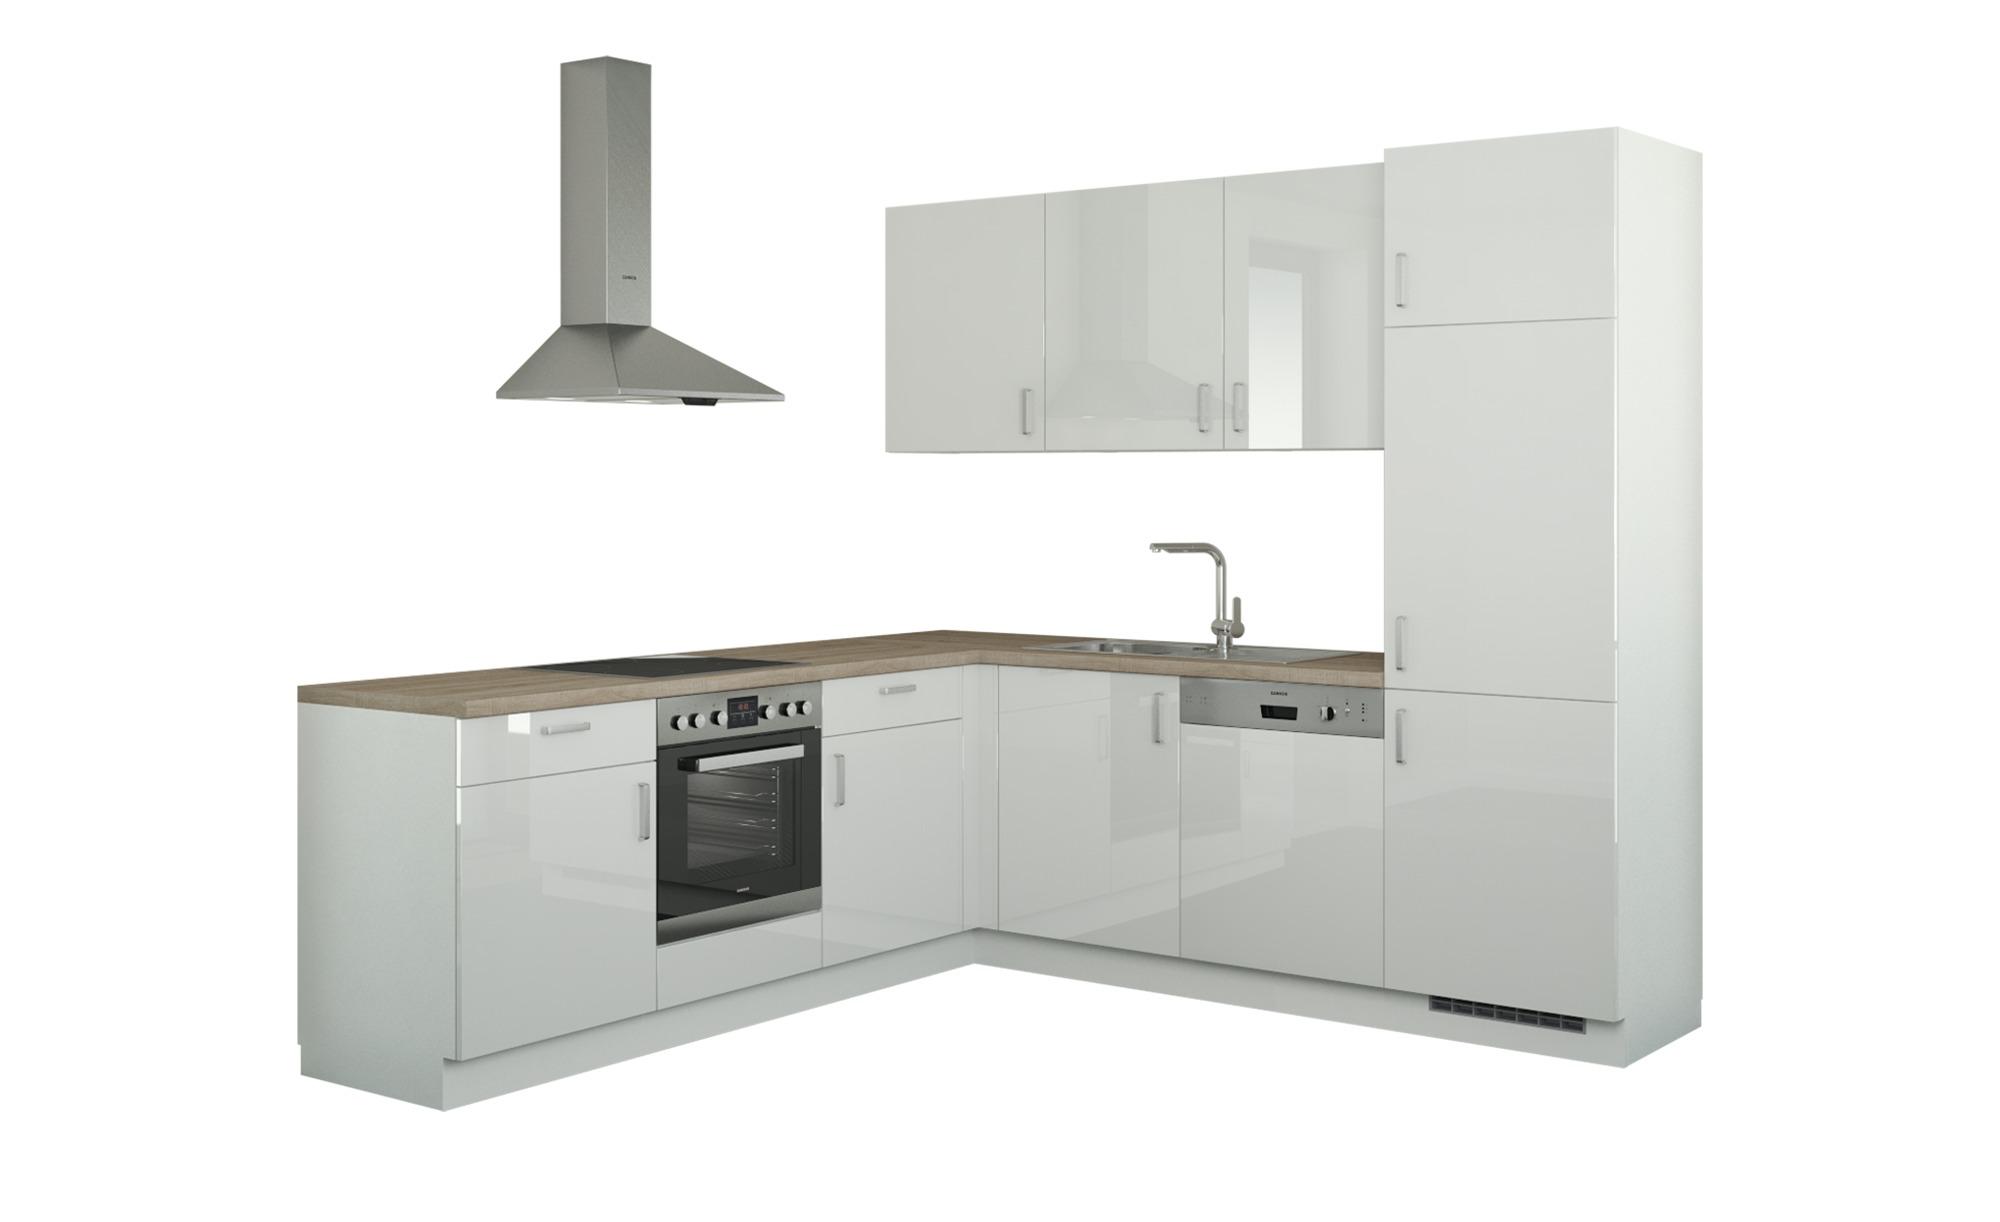 Winkelküche ohne Elektrogeräte  Stuttgart ¦ weiß Küchen > Küchenblöcke - Höffner | Küche und Esszimmer > Küchen | Weiß | Holzwerkstoff | Möbel Höffner DE